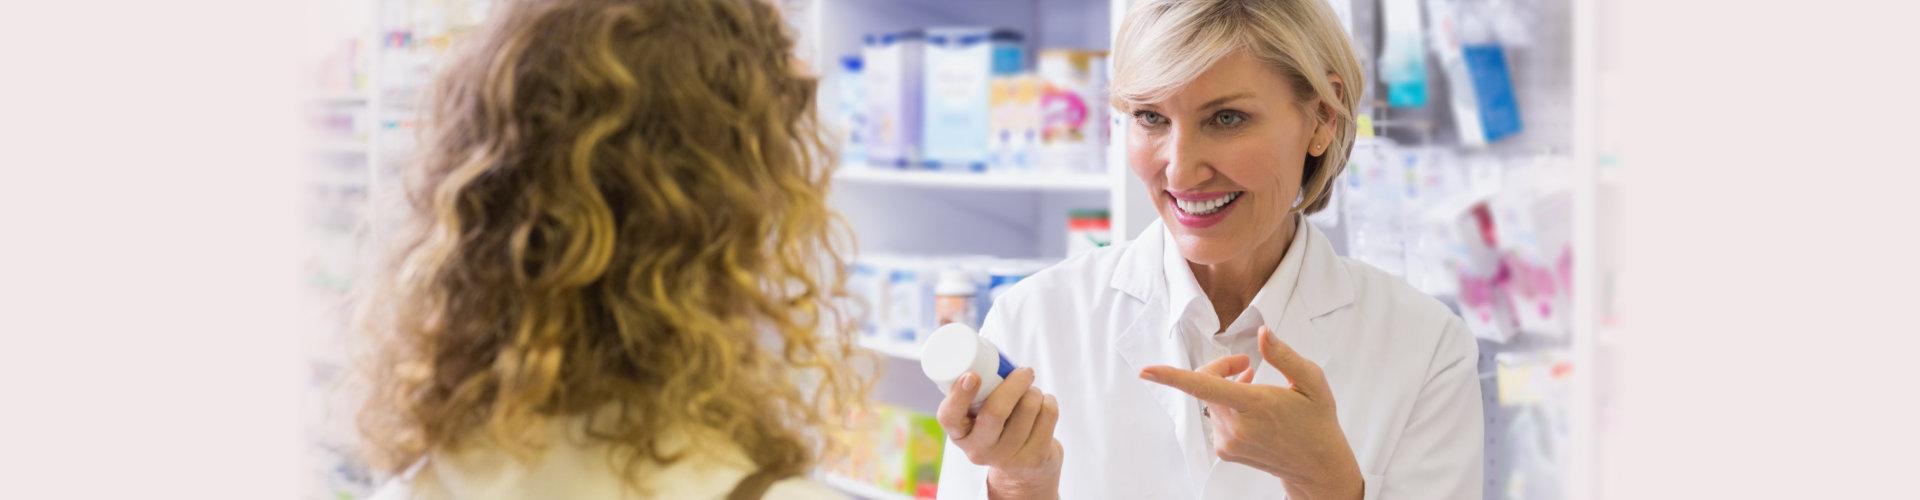 female pharmacist with female customer